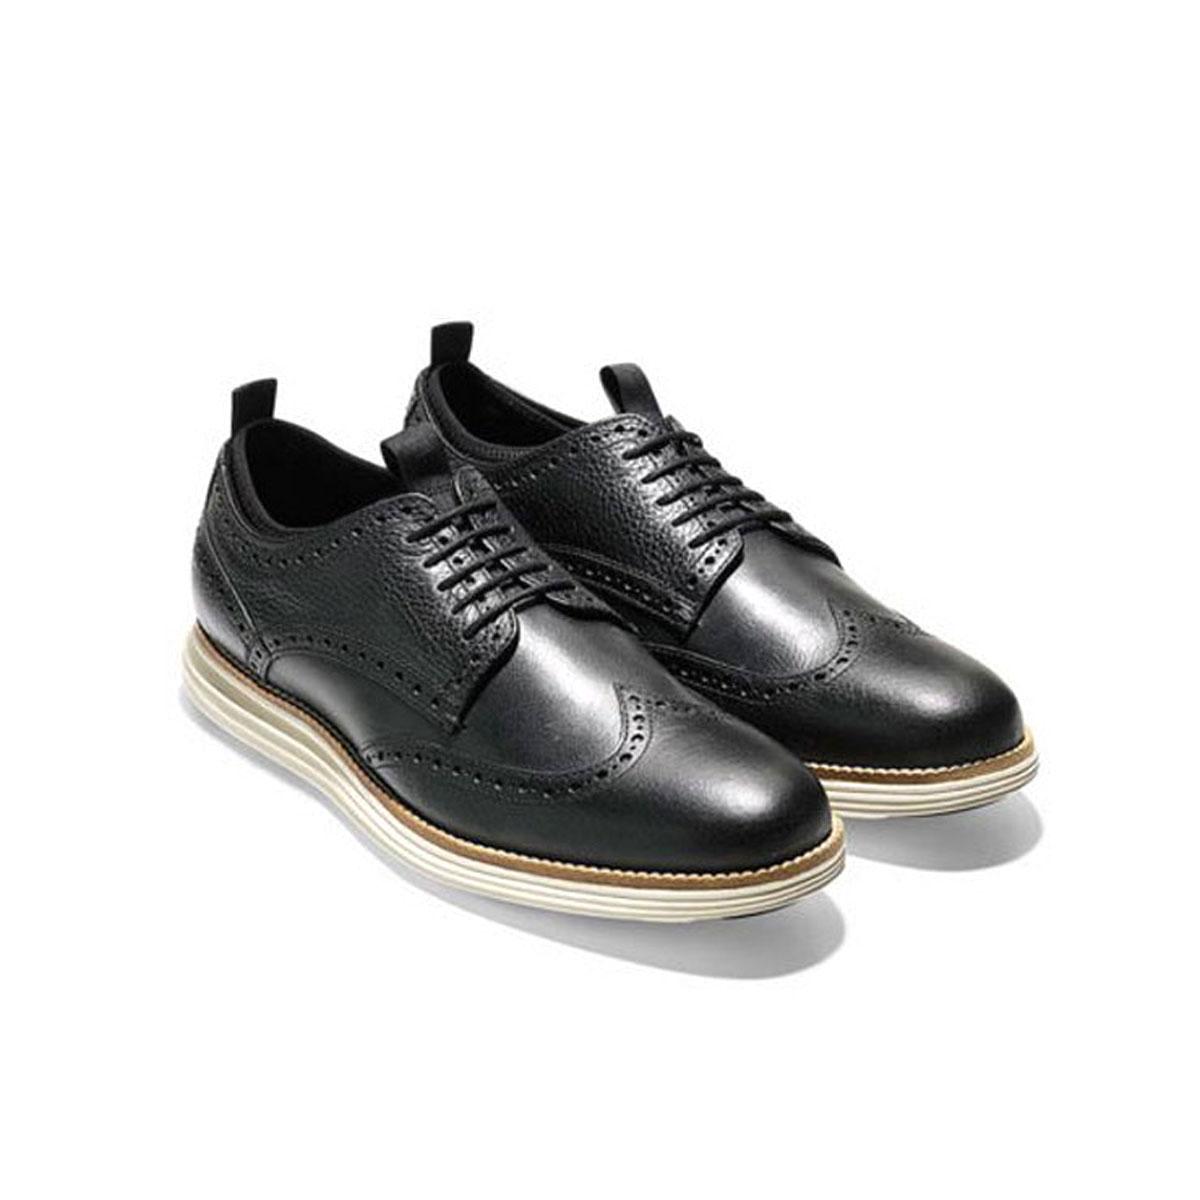 Premium Shoe Brands